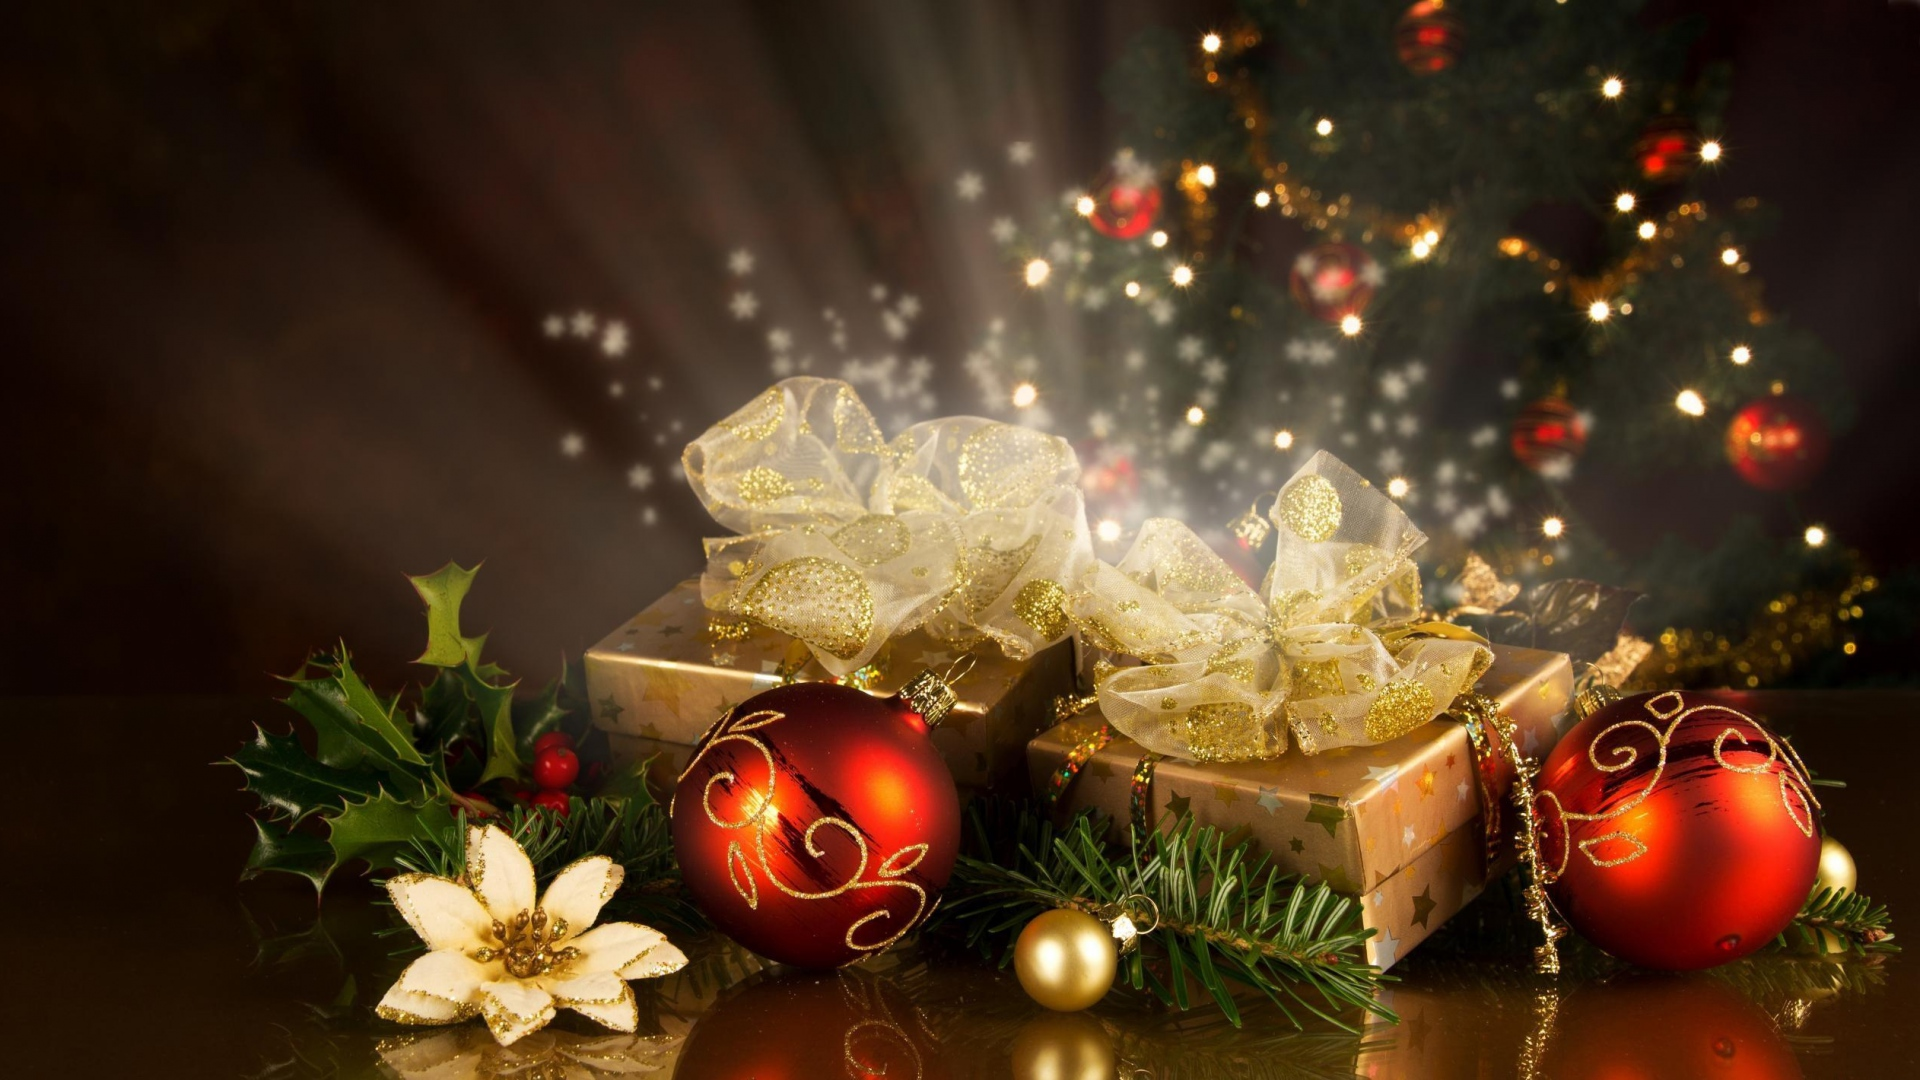 Weihnachten Hd Bilder.Hd Hintergrundbilder Weihnachten Feiertag Dekorationen Geschenke